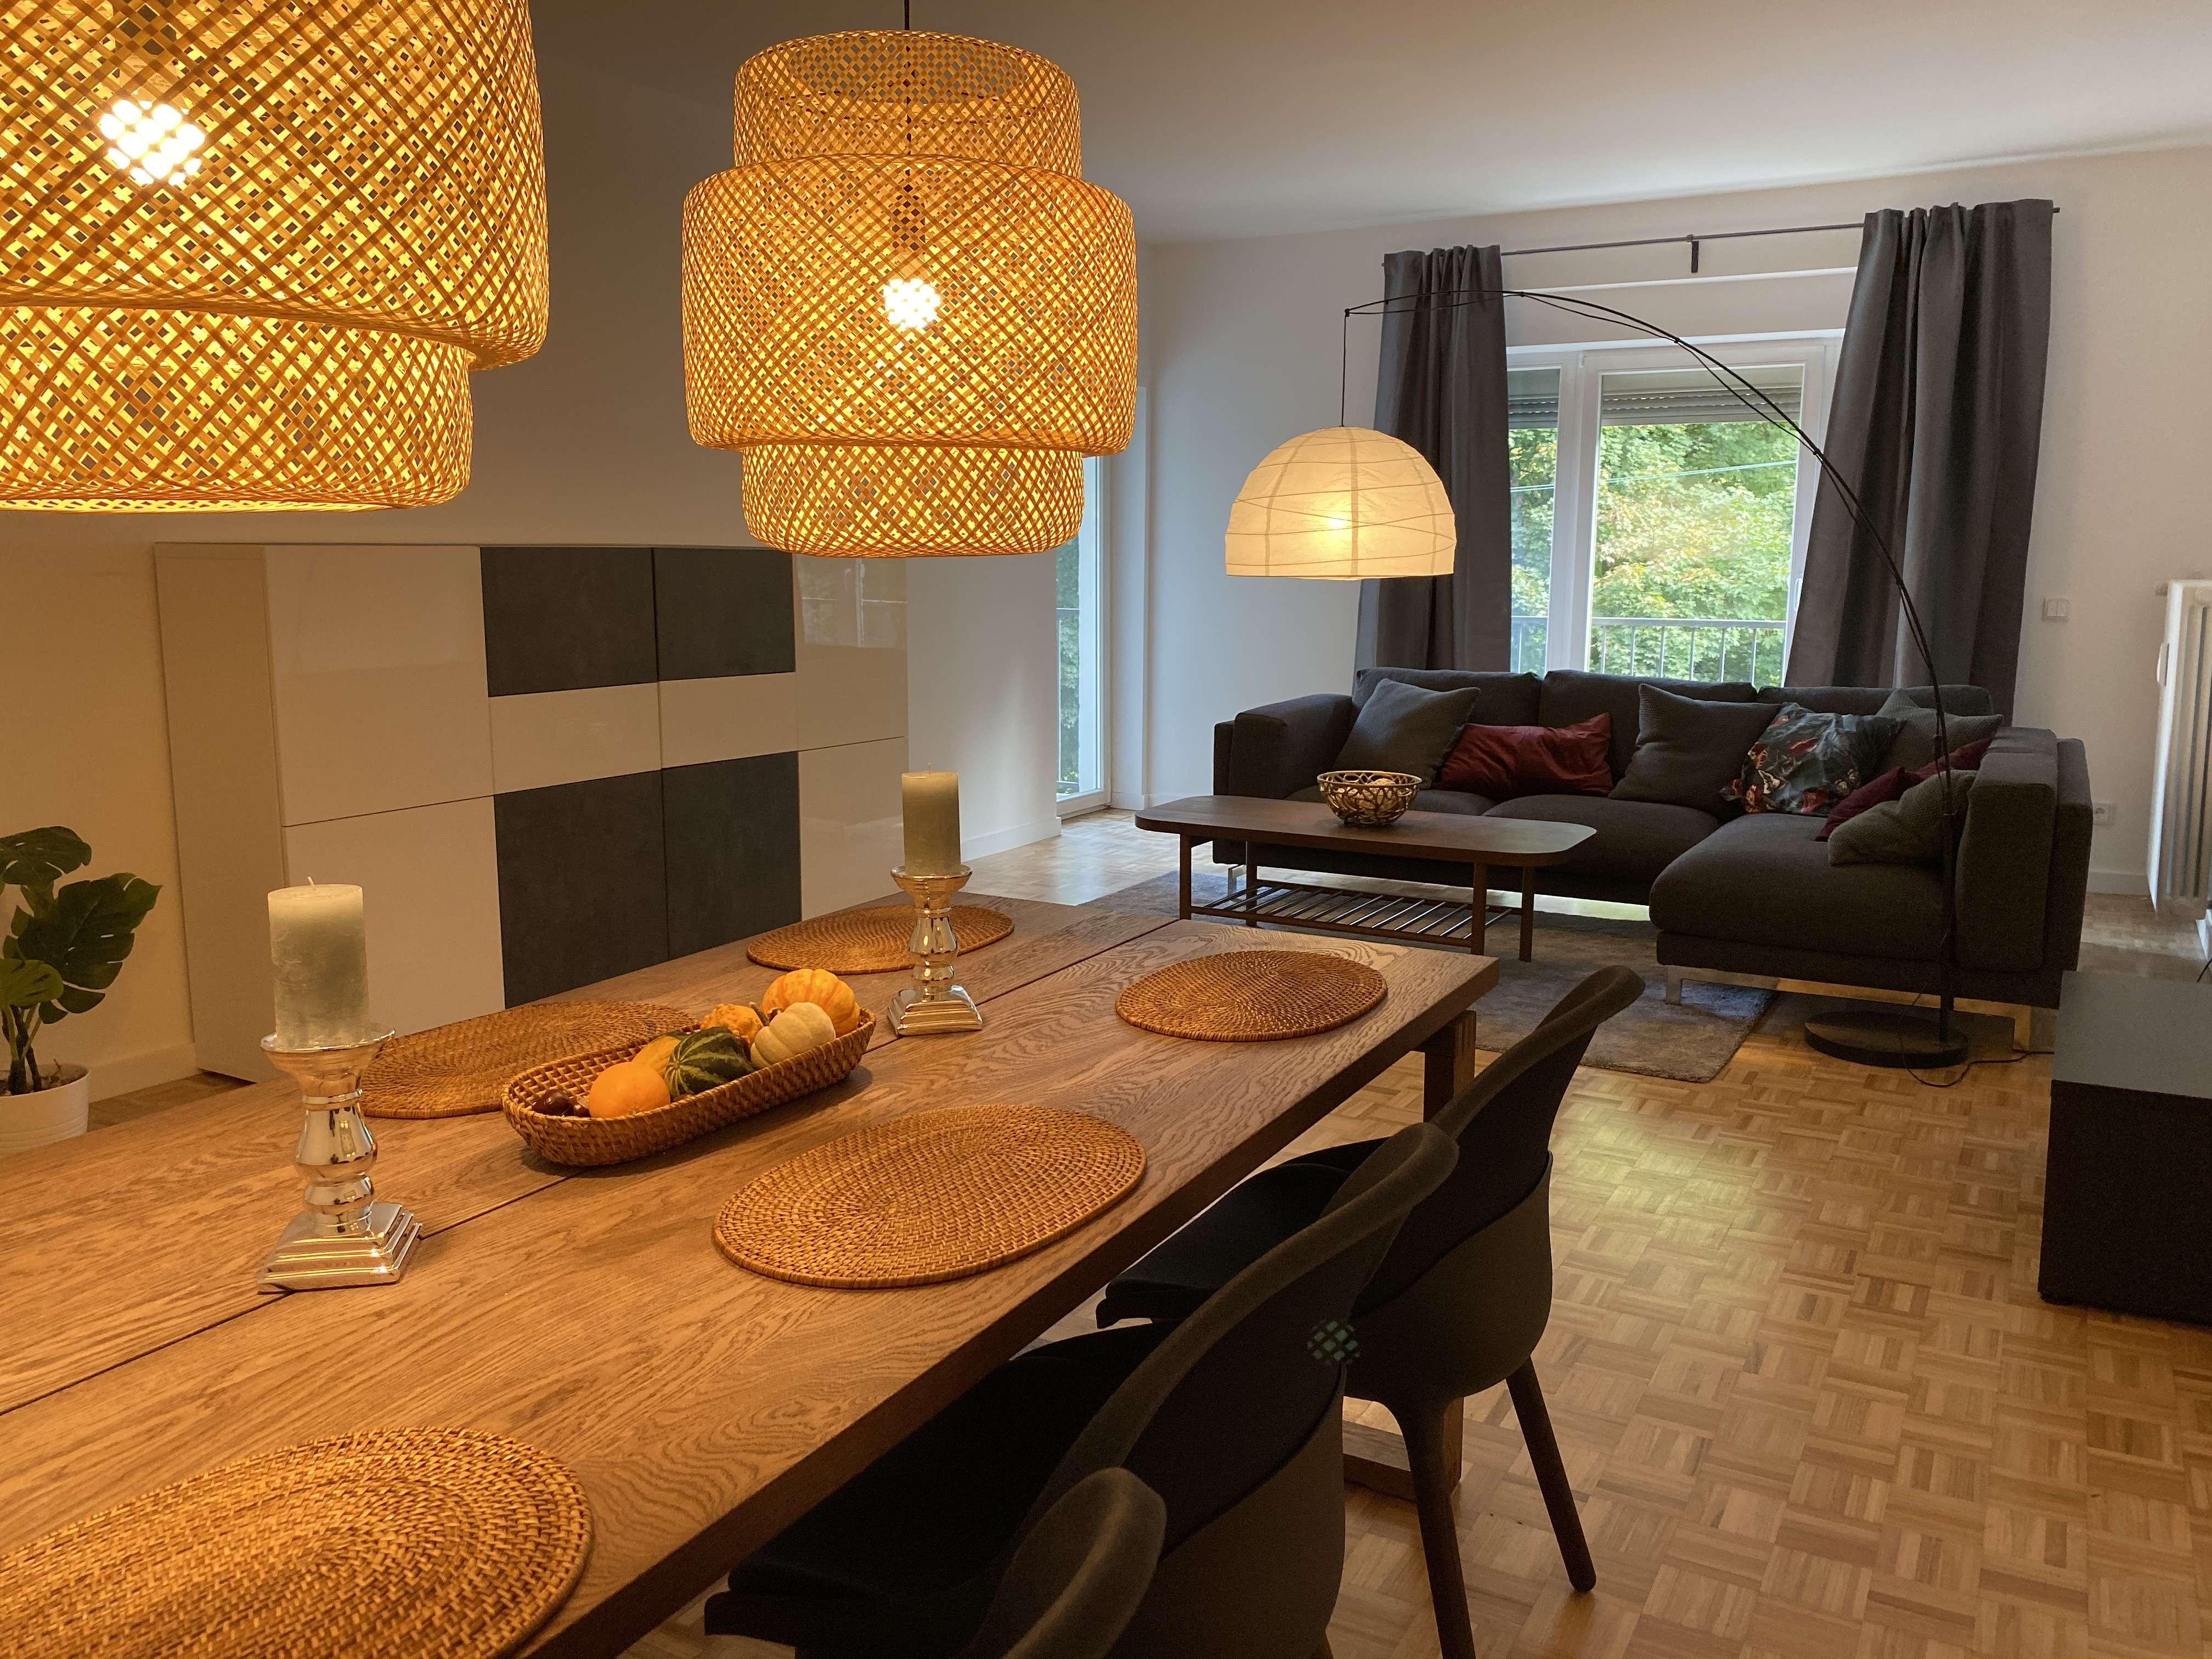 möblierte 3-Zimmer Wohnung mit Isarblick Nähe Englischer Garten in Lehel (München)